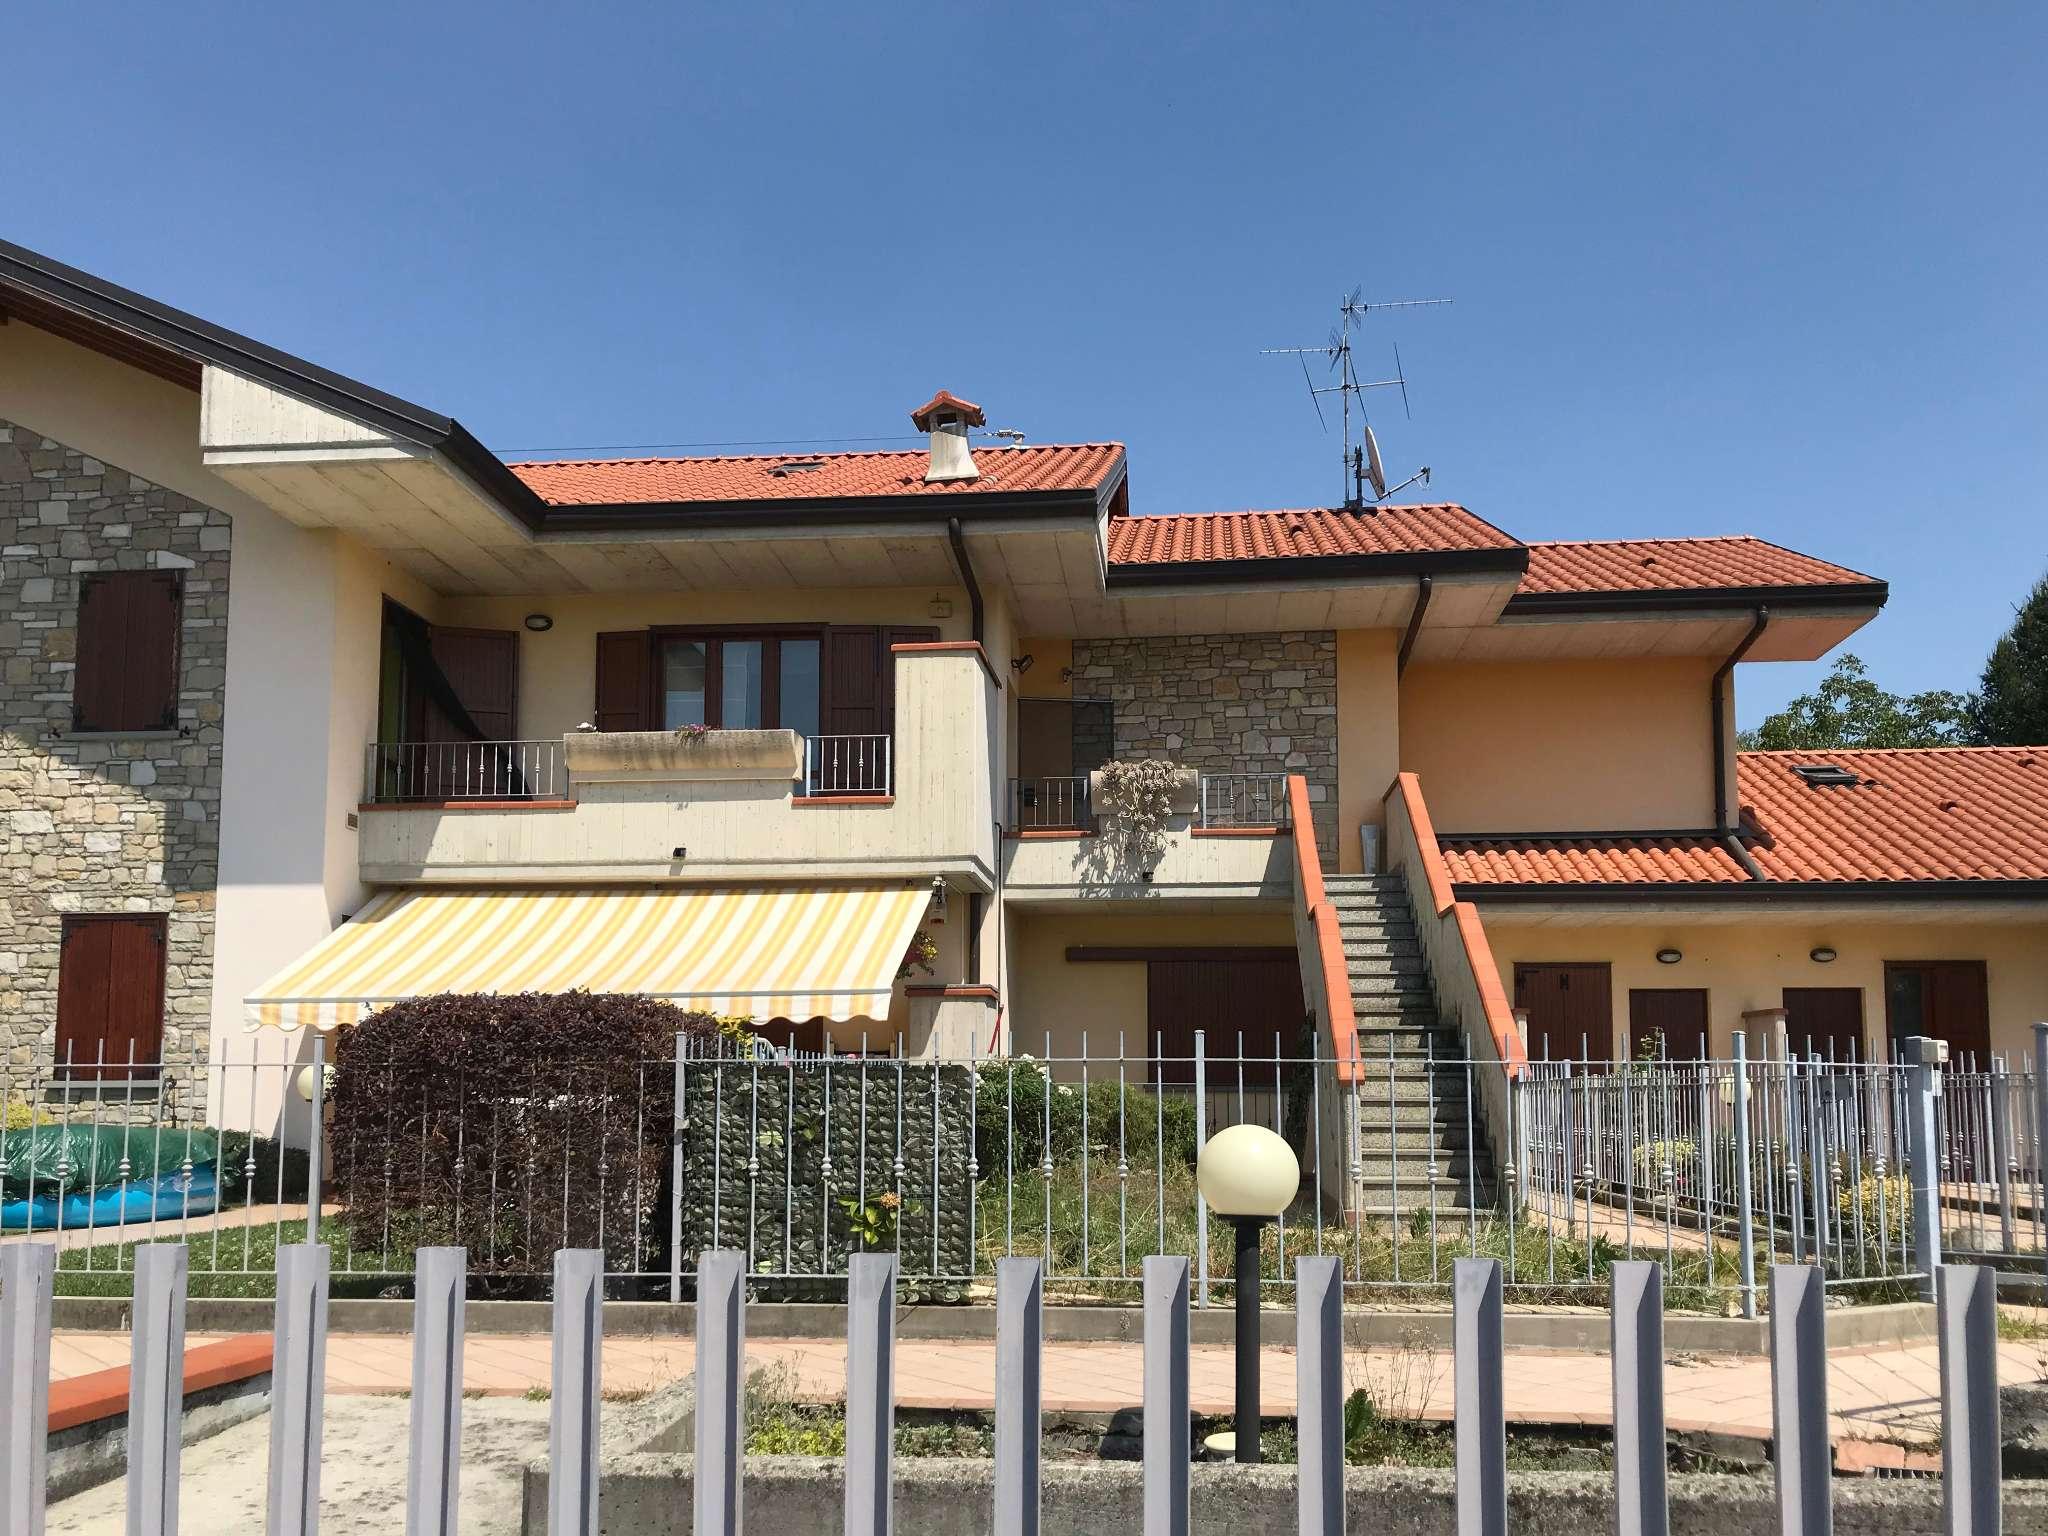 Appartamento in vendita a Bonate Sopra, 4 locali, prezzo € 160.000   PortaleAgenzieImmobiliari.it